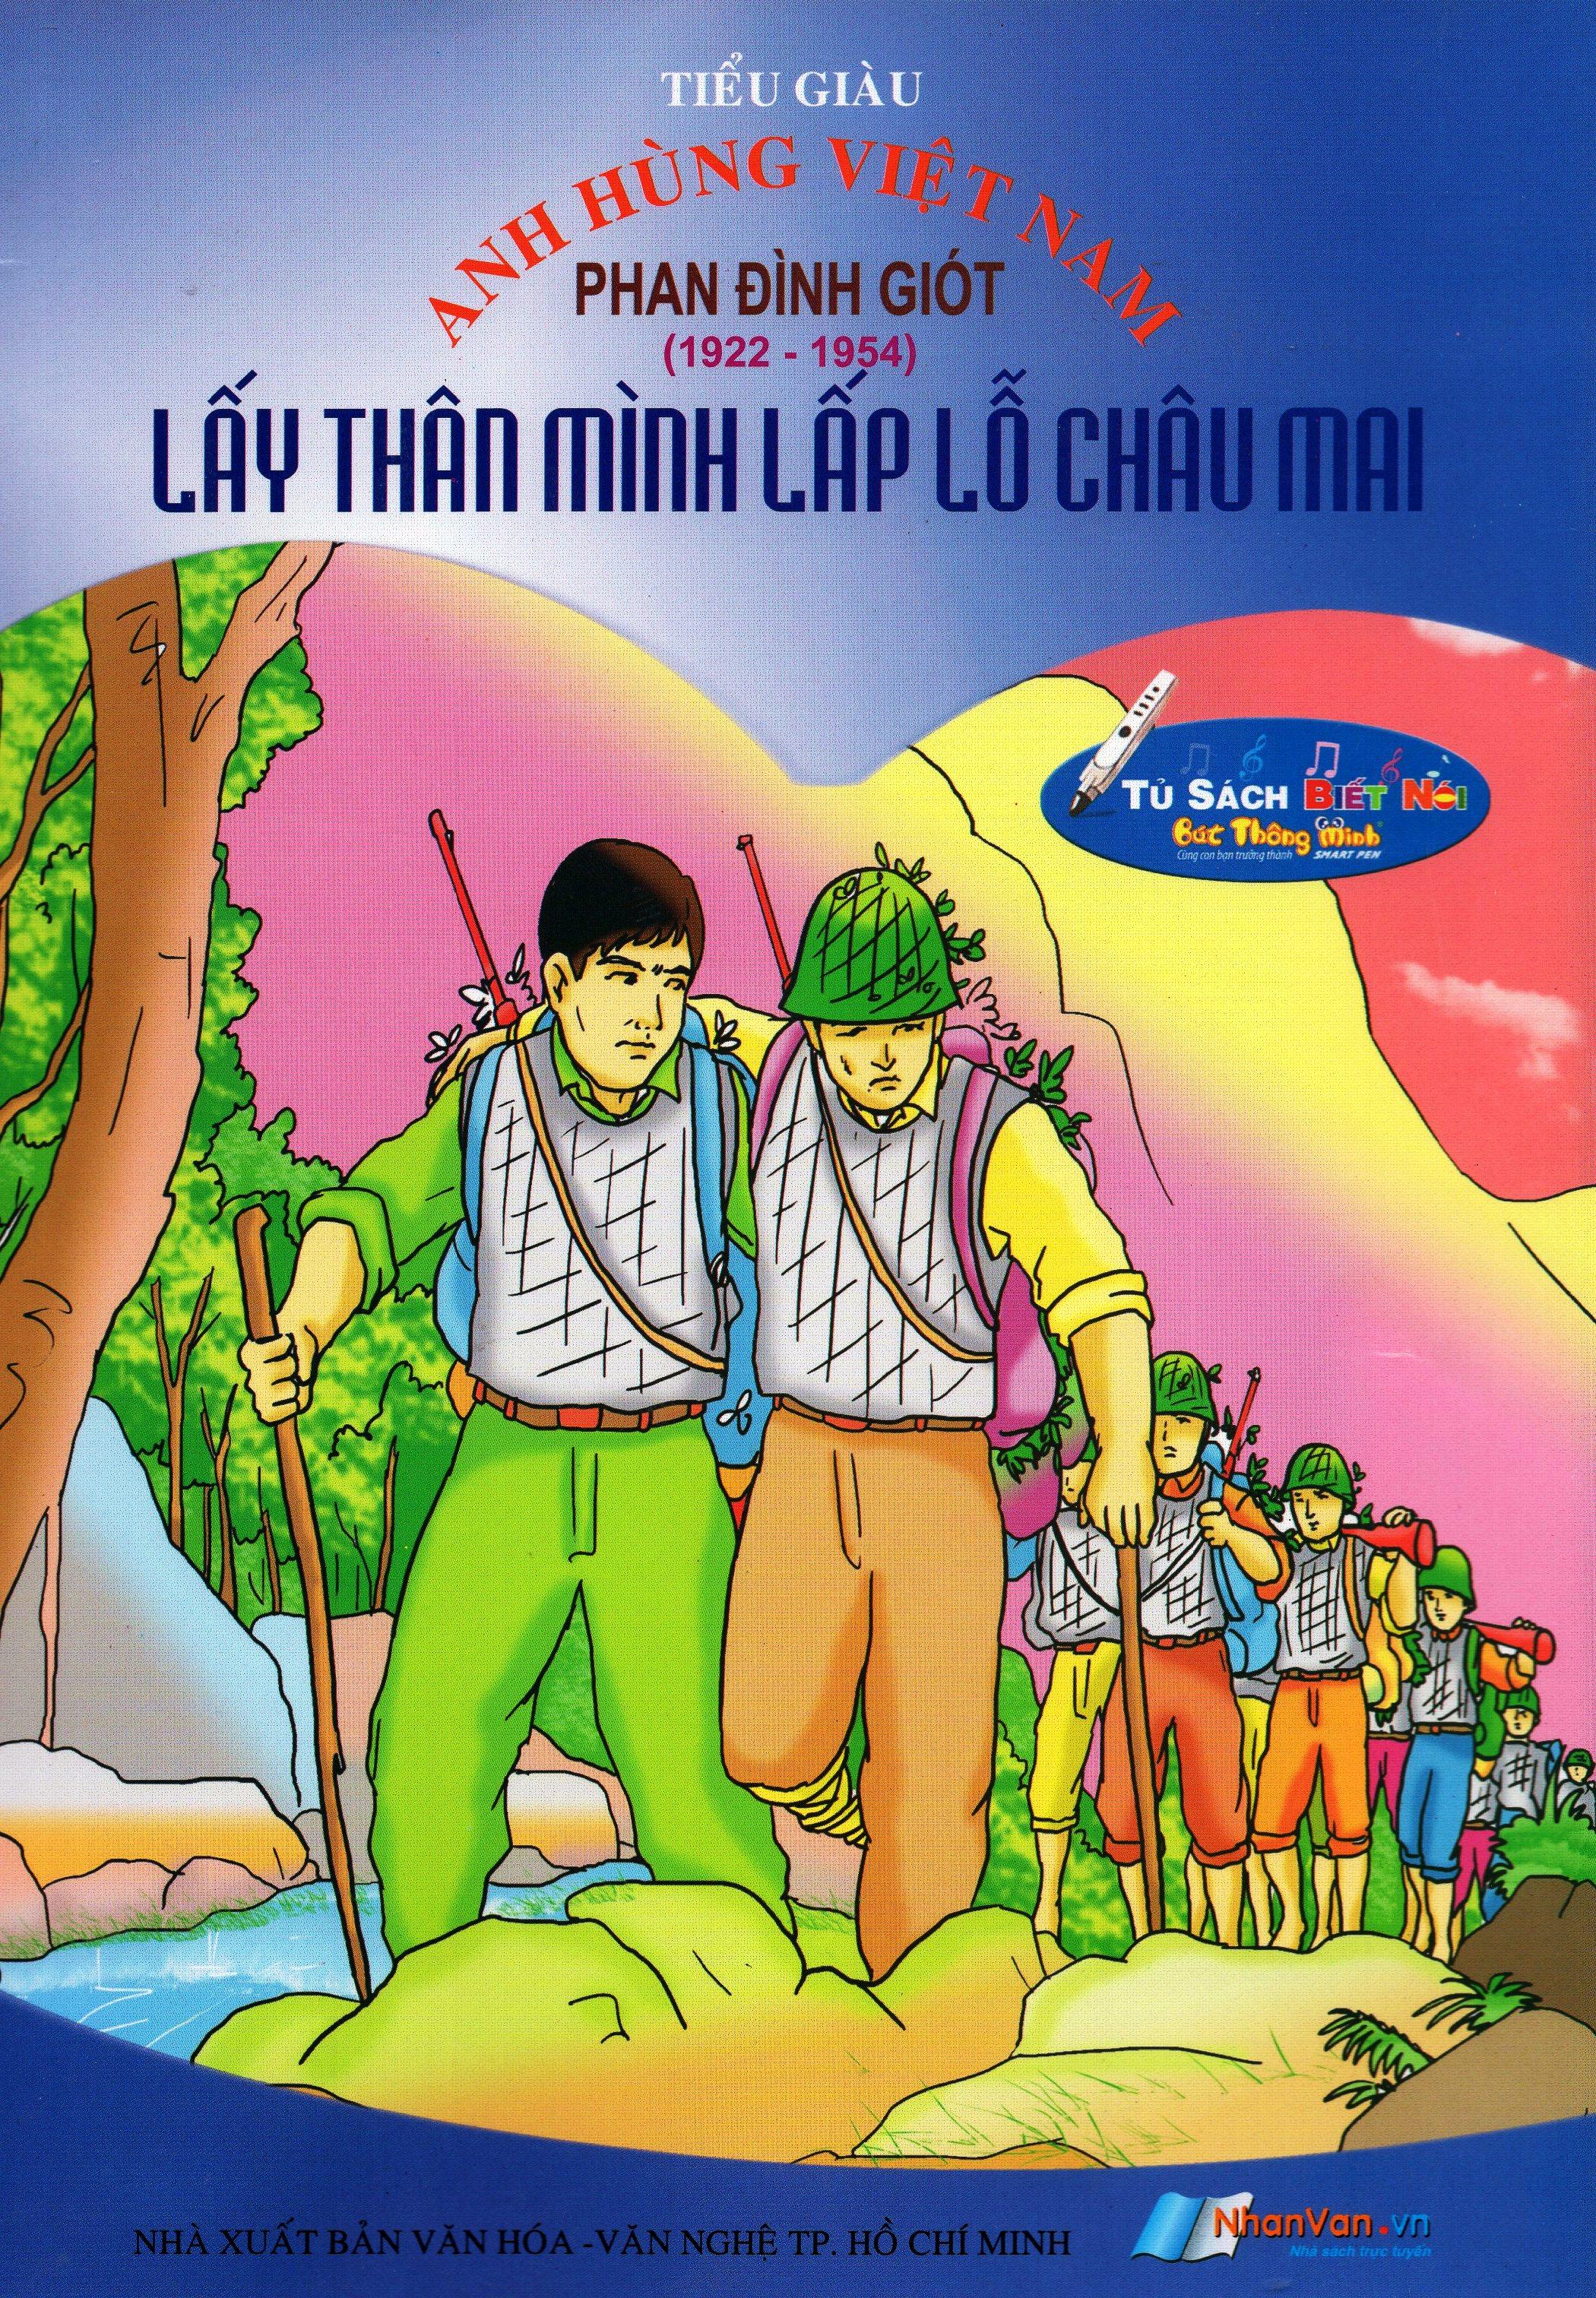 Bìa sách Anh Hùng Việt Nam: Phan Đình Giót - Lấy Thân Mình Lấp Lỗ Châu Mai